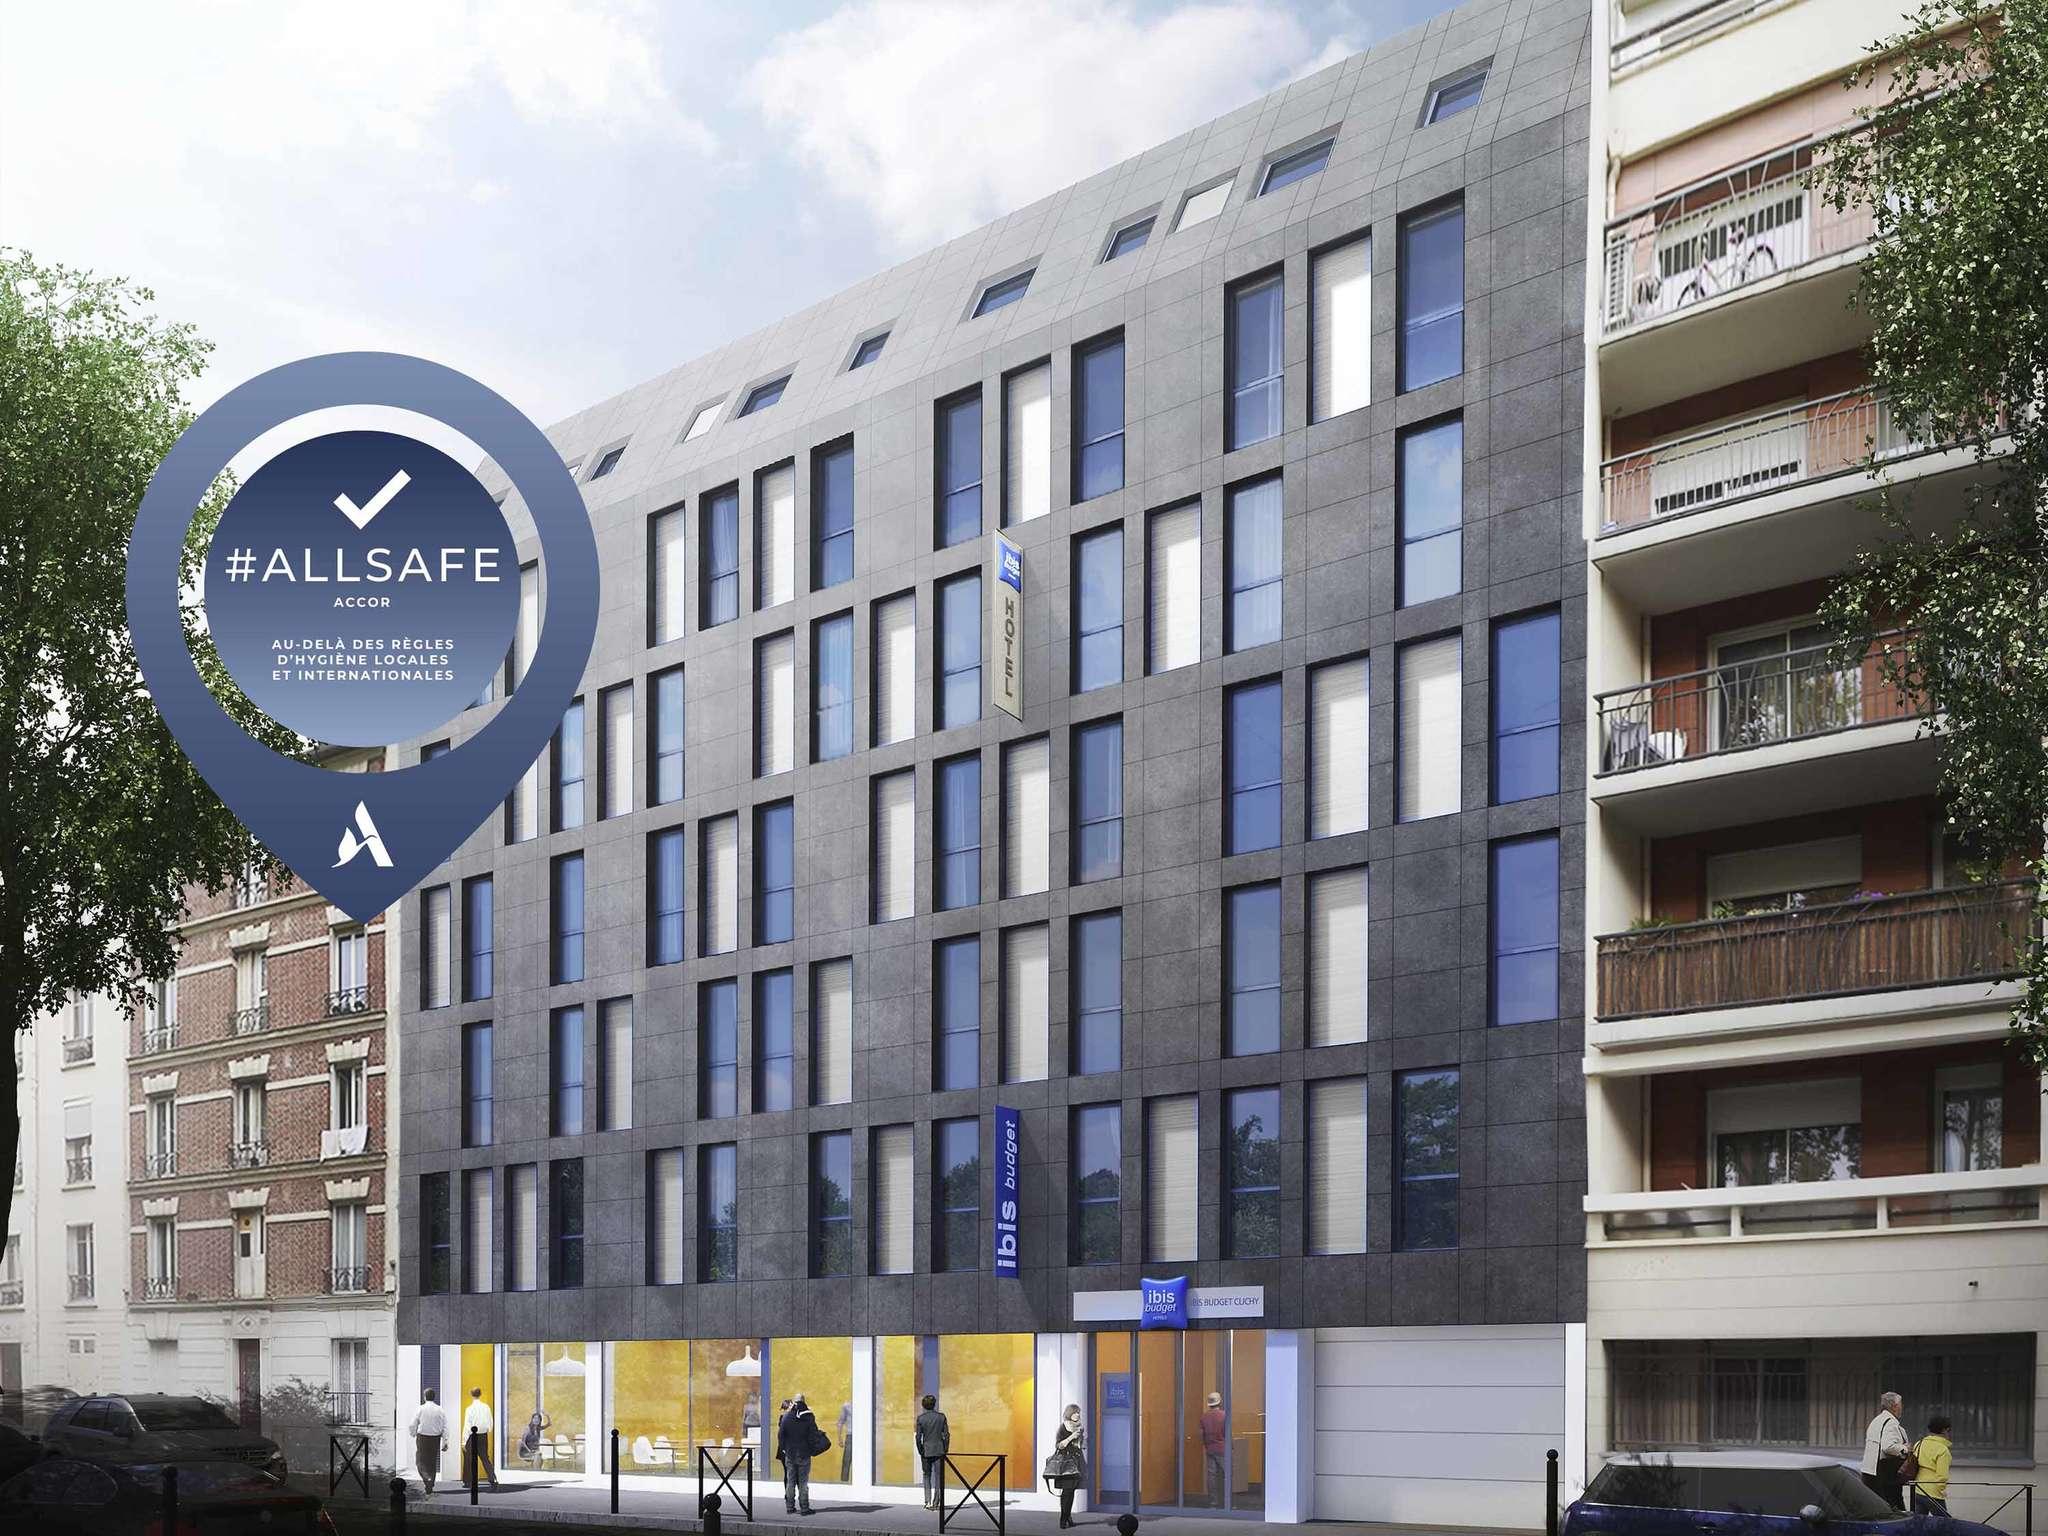 Hotel – ibis budget Paris Clichy Mairie (otwarcie w kwietniu 2018 roku)